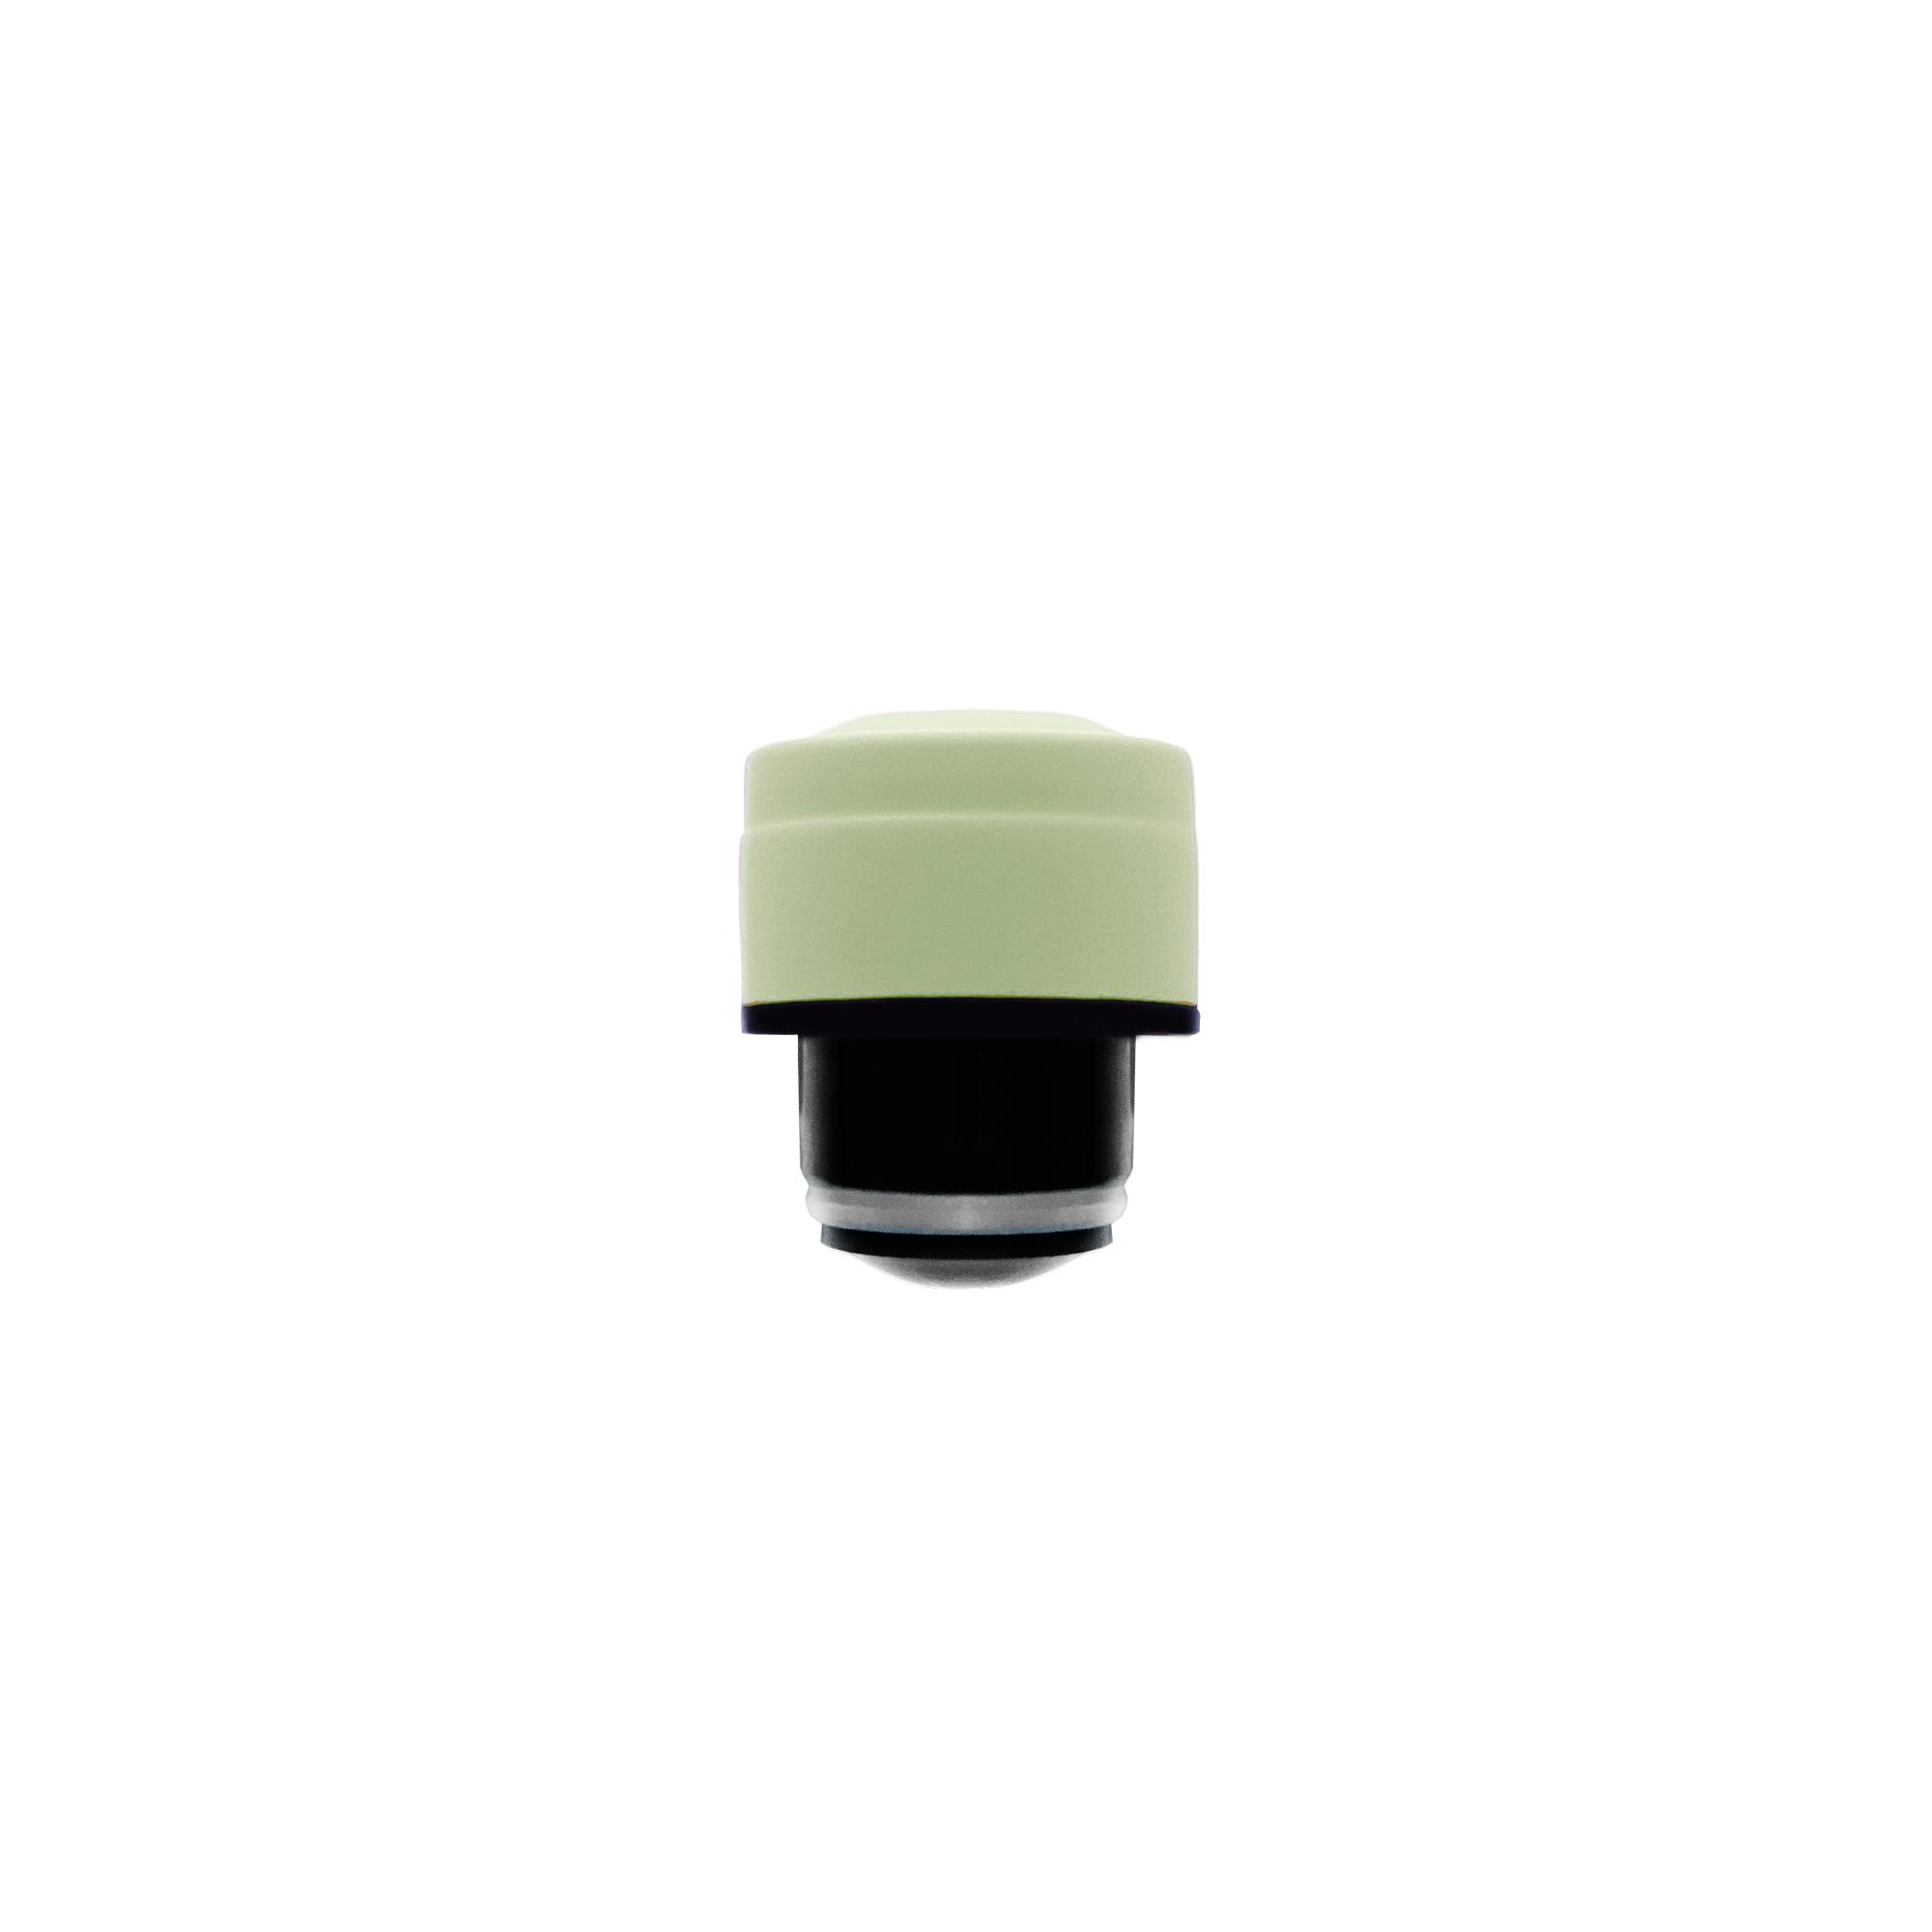 Tú botella de acero inoxidable - Tapón Pastel Green 5